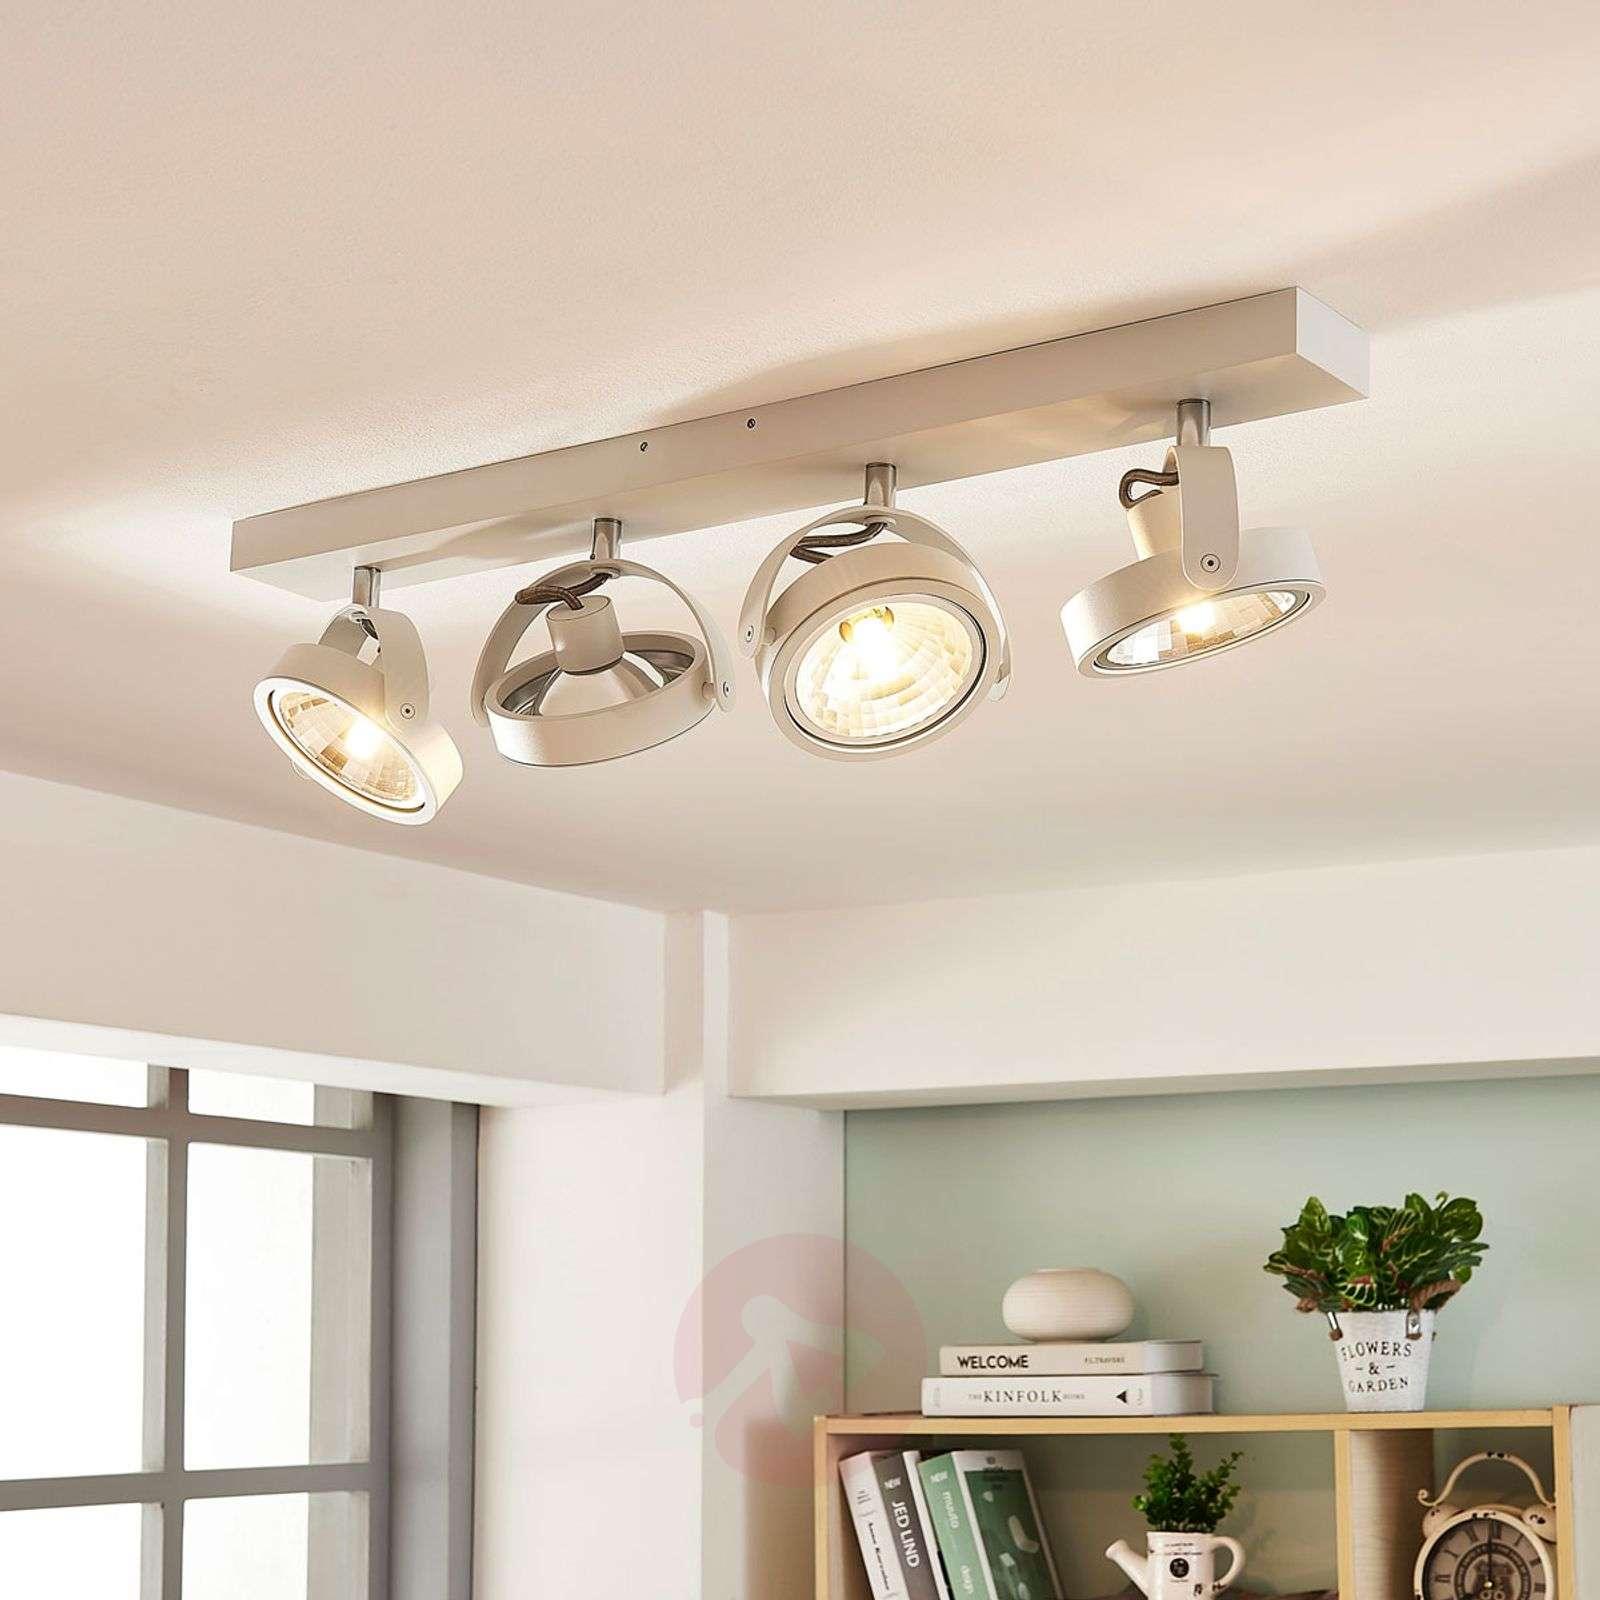 Pitkänomainen LED-kattolamppu Lieven, 4-os. valkea-9621525-01